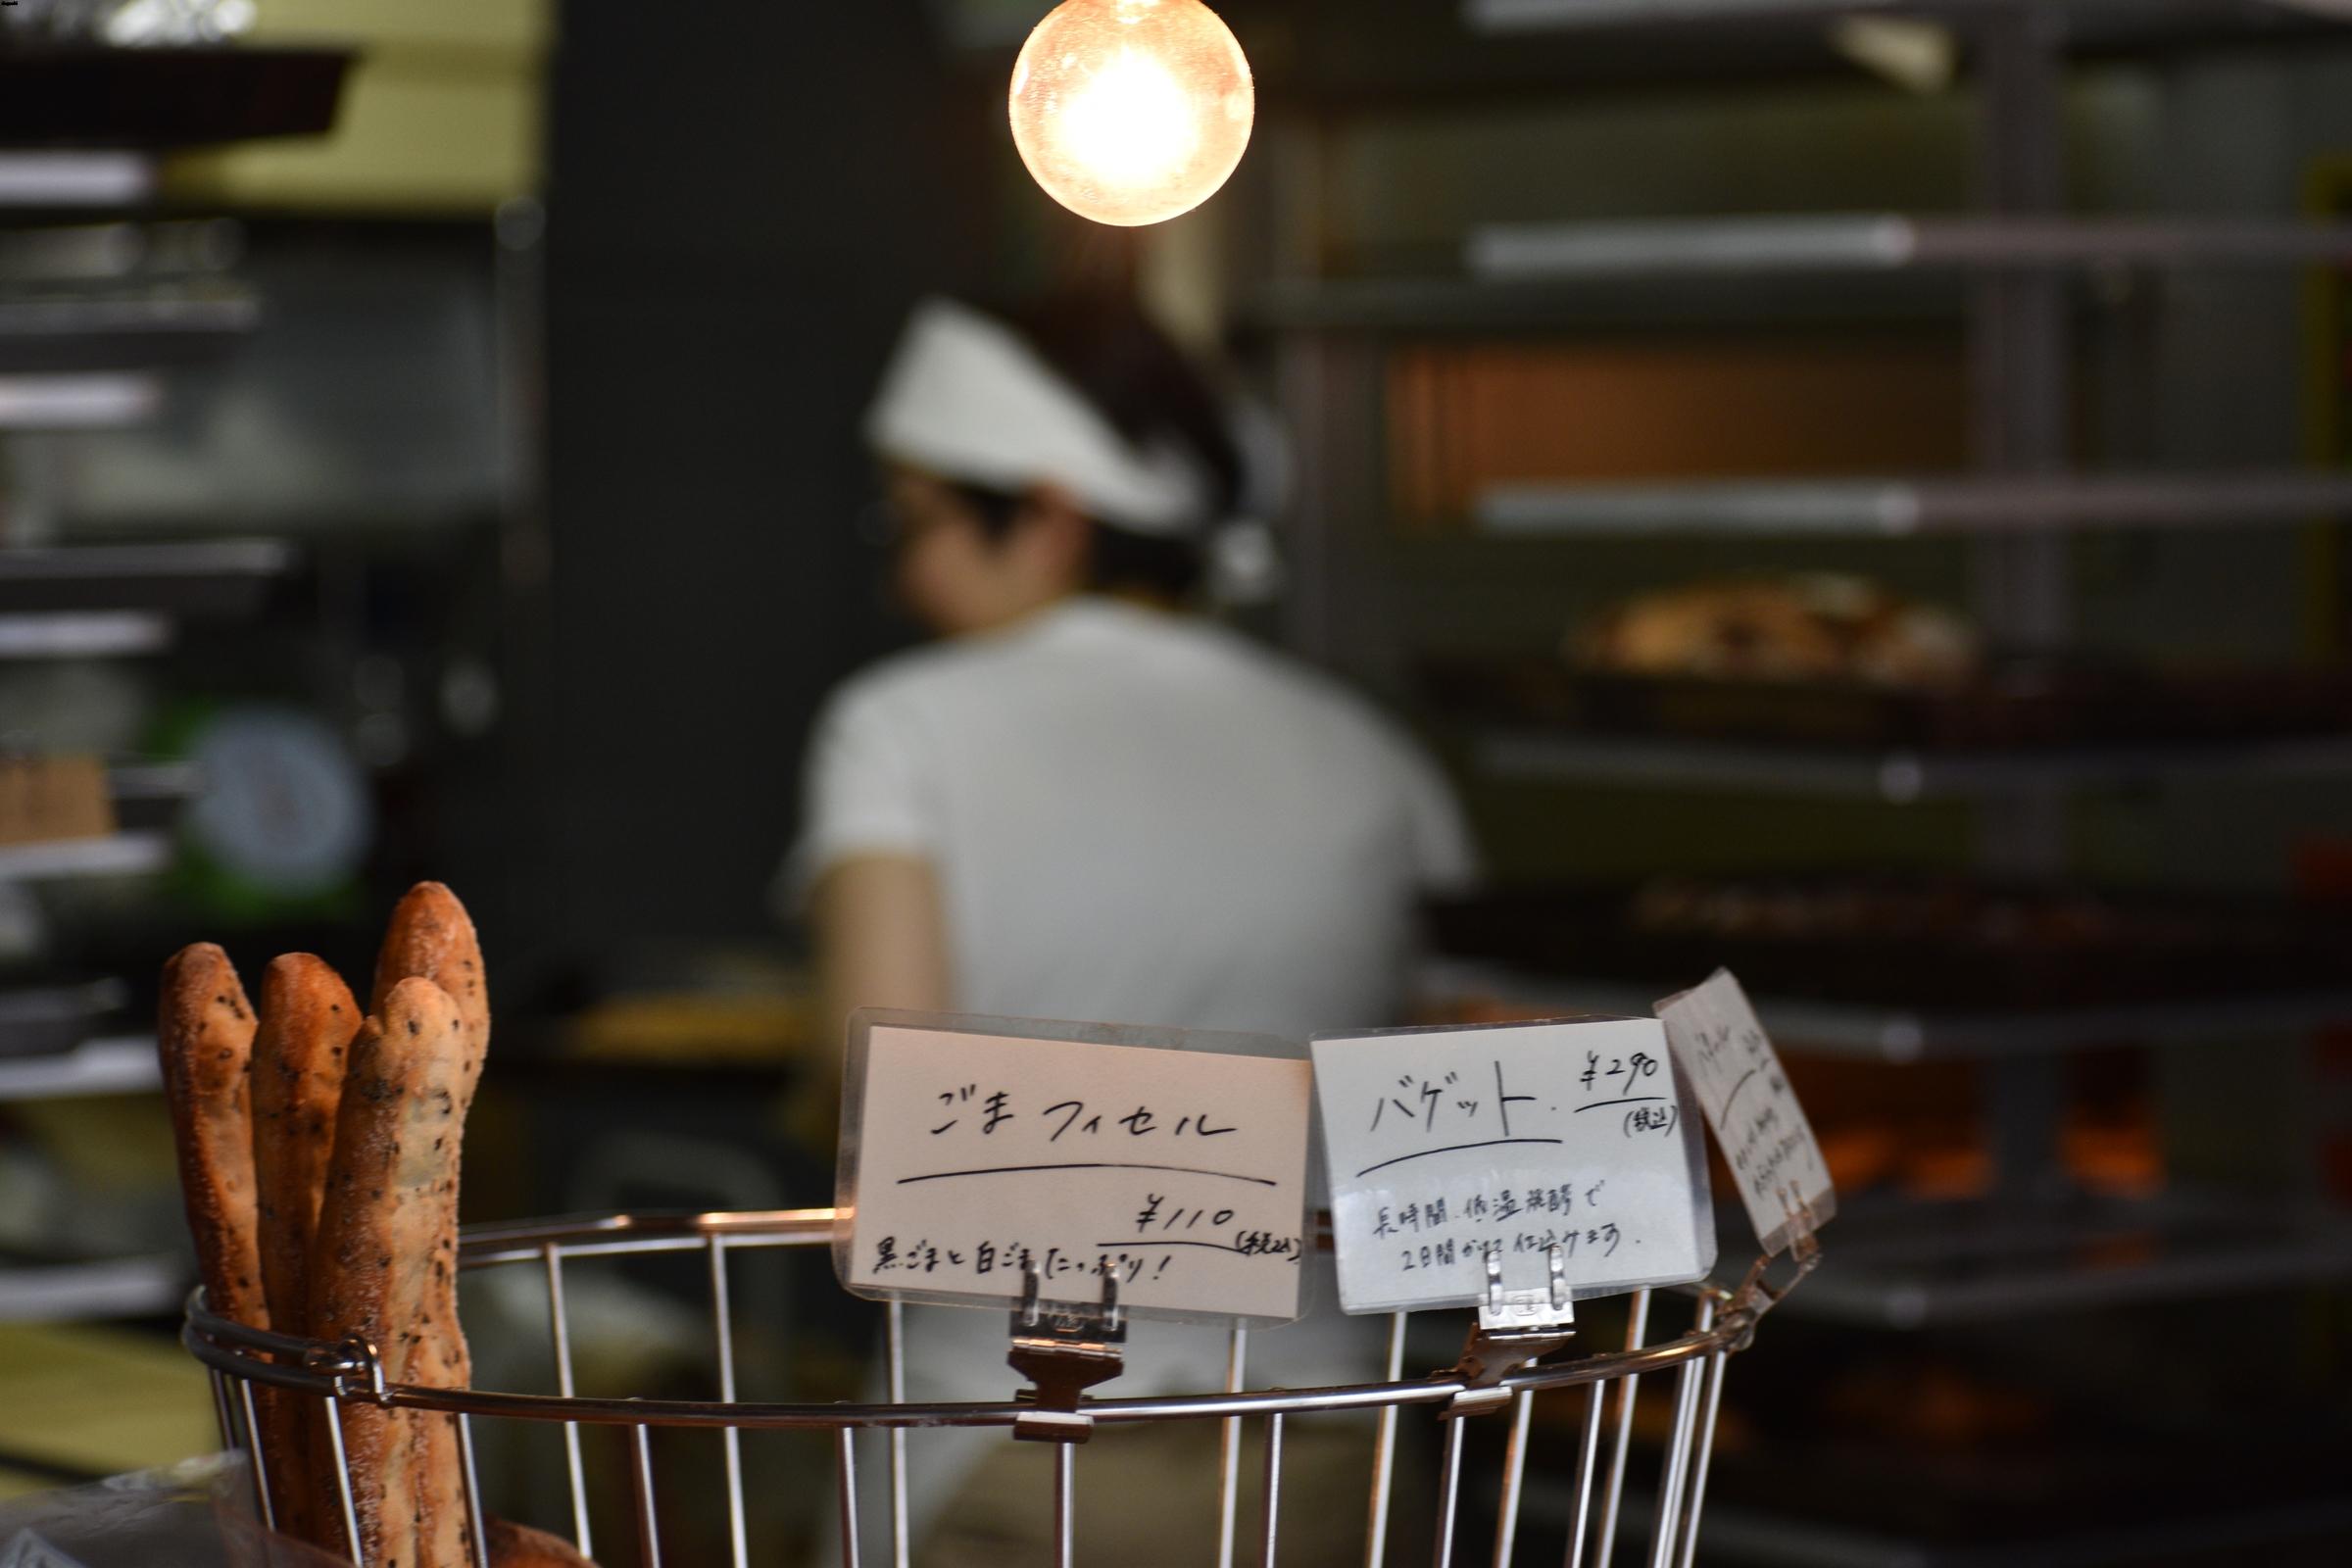 この秋、買いに行きたくなるパン屋さん「トレマタン ブーランジェリー」 - r DSC 1090